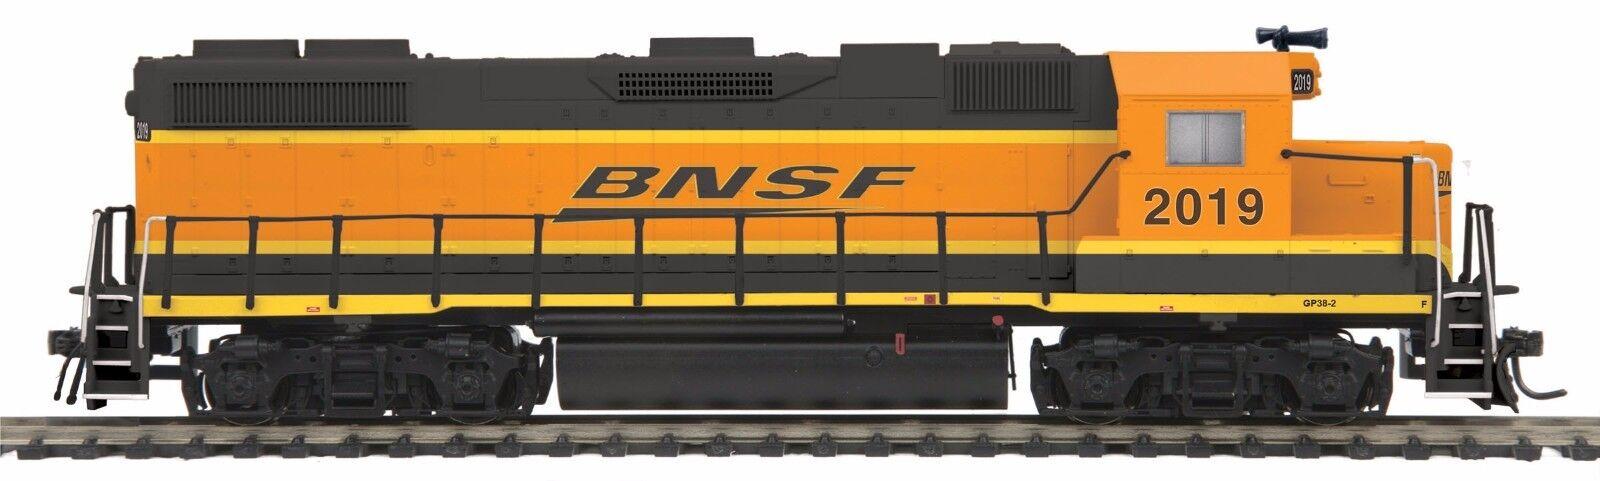 bajo precio MTH Ho 85-2018-1 BNSF GP38-2 DCC, DCS, DCS, DCS, DC Sonido Rd   2019  tienda en linea